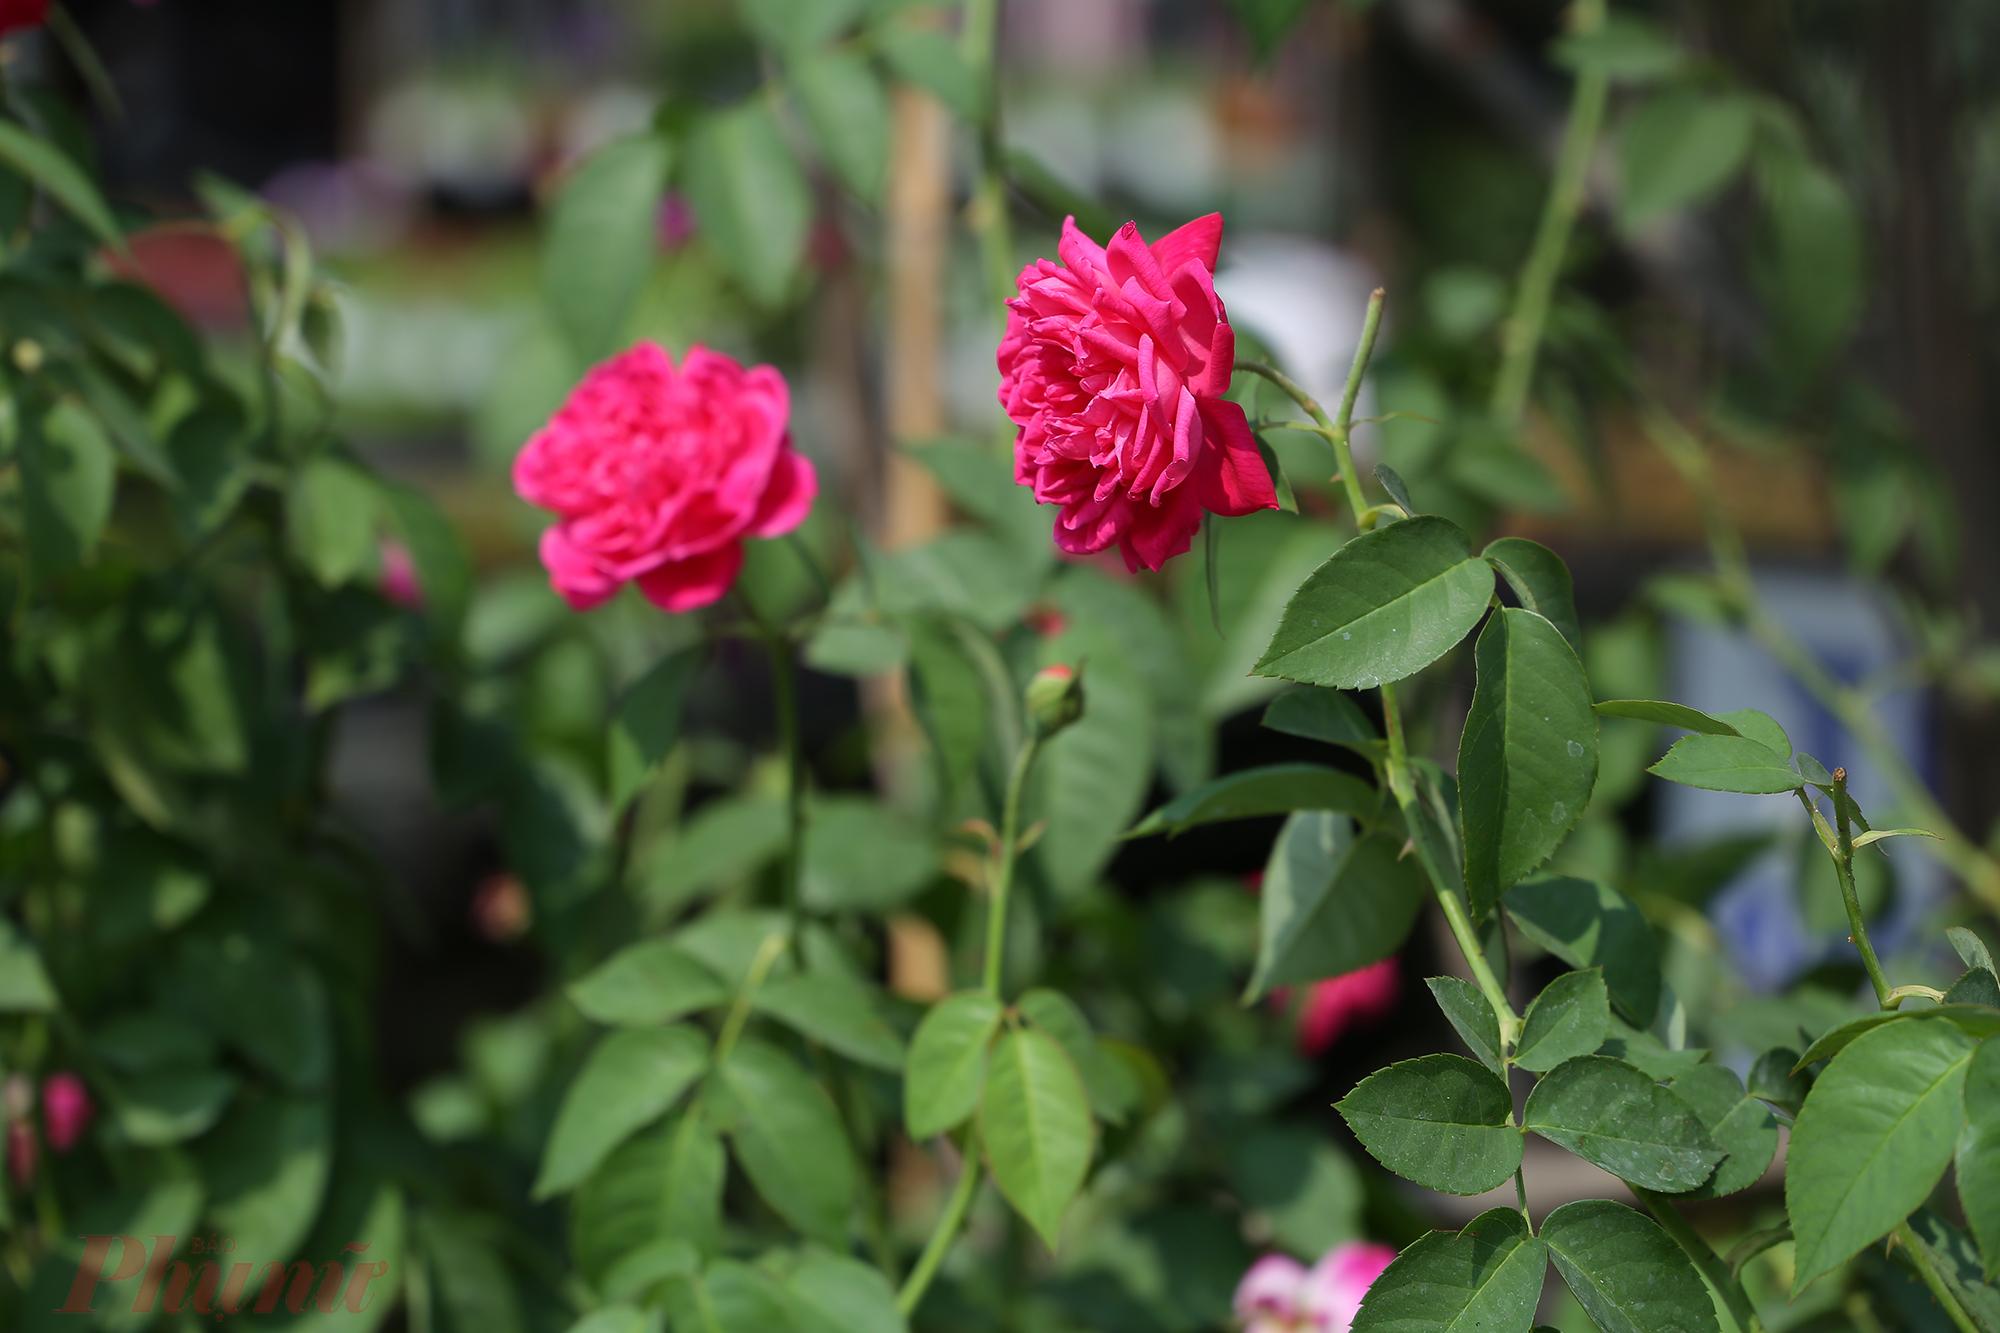 Sa Đéc nổi danh với hàng chục giống hồng khác nhau. Vì thế, cũng đừng quên lưu lại những khoảnh khắc đẹp với chúng.